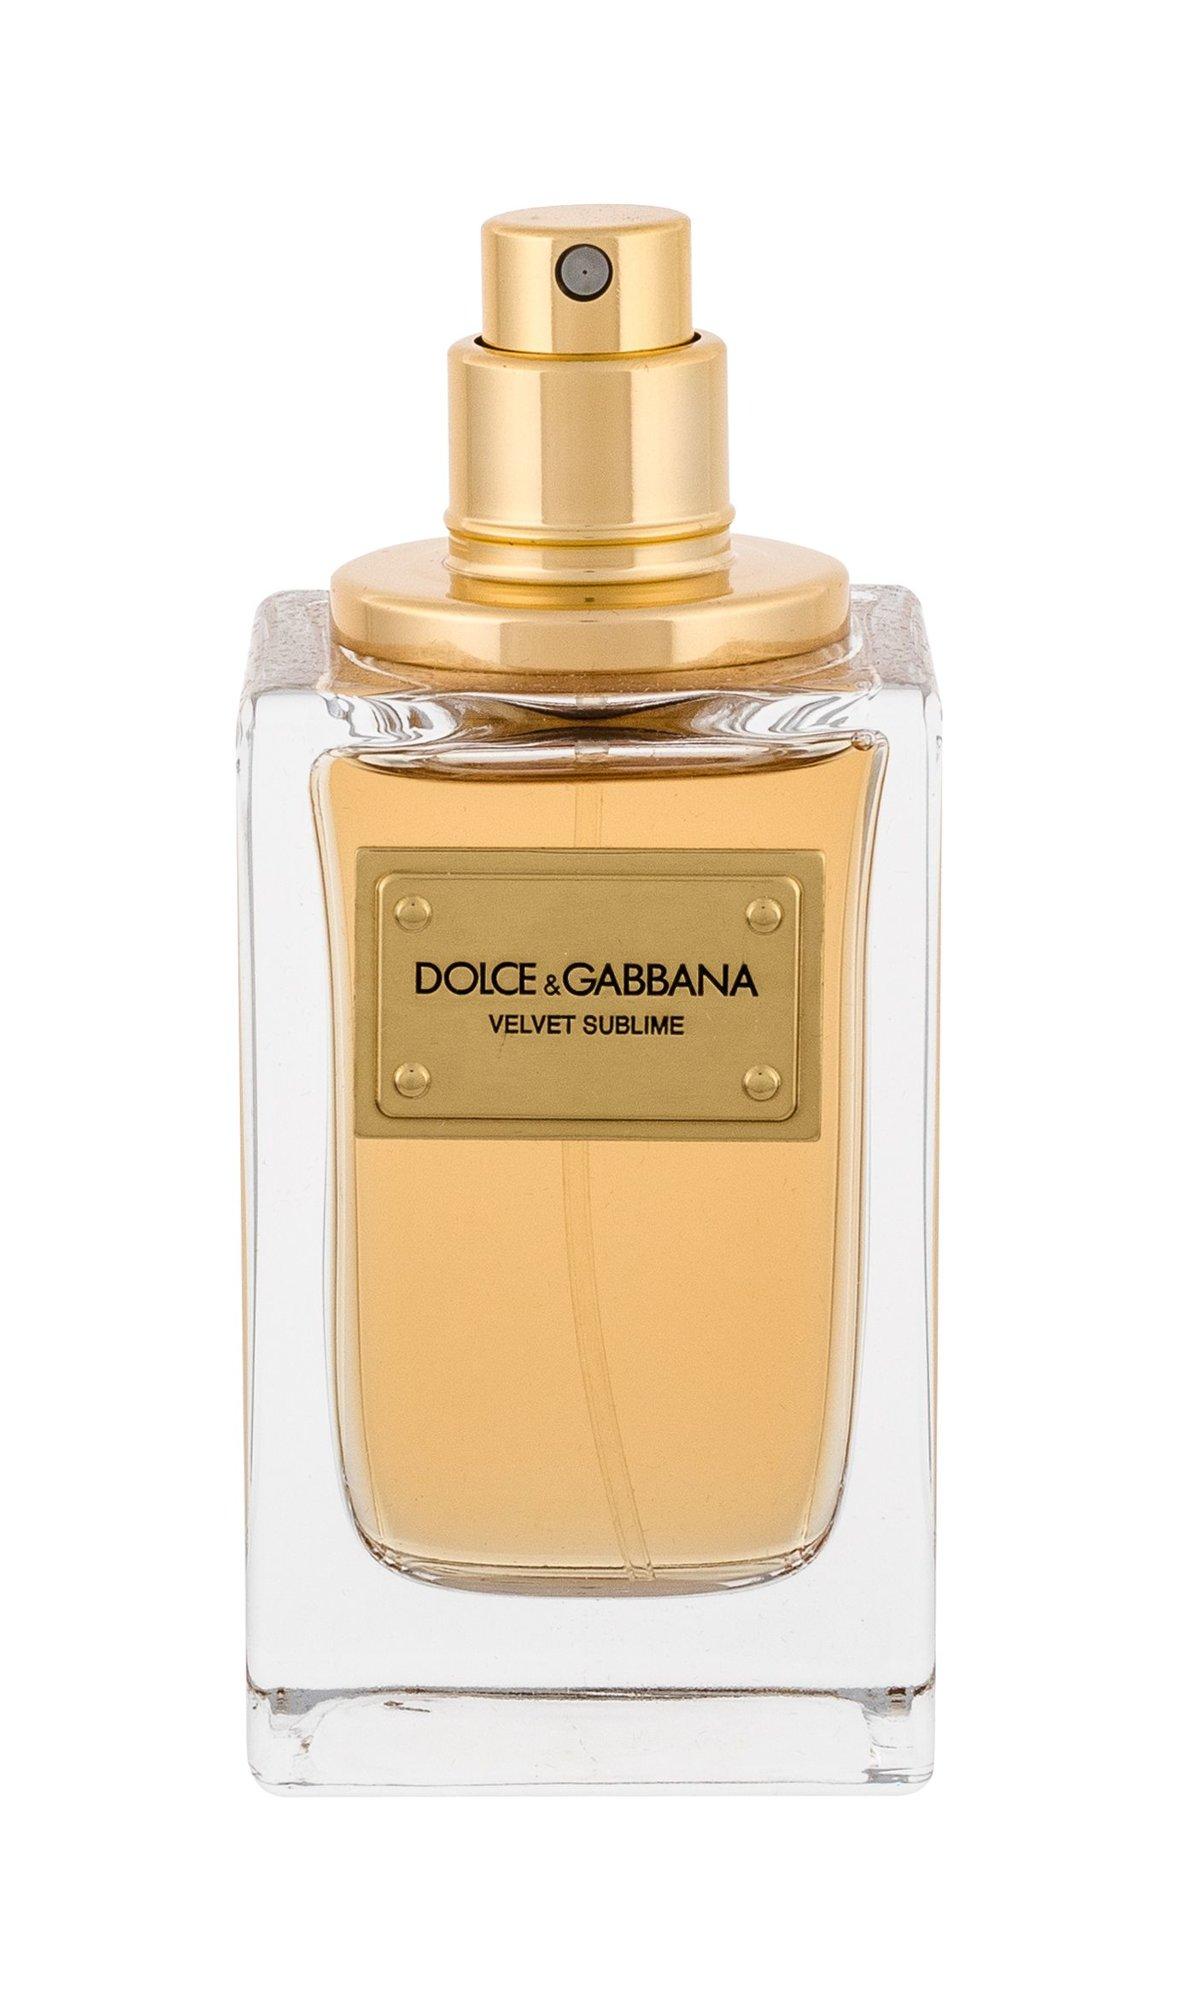 Dolce&Gabbana Velvet Sublime Eau de Parfum 50ml